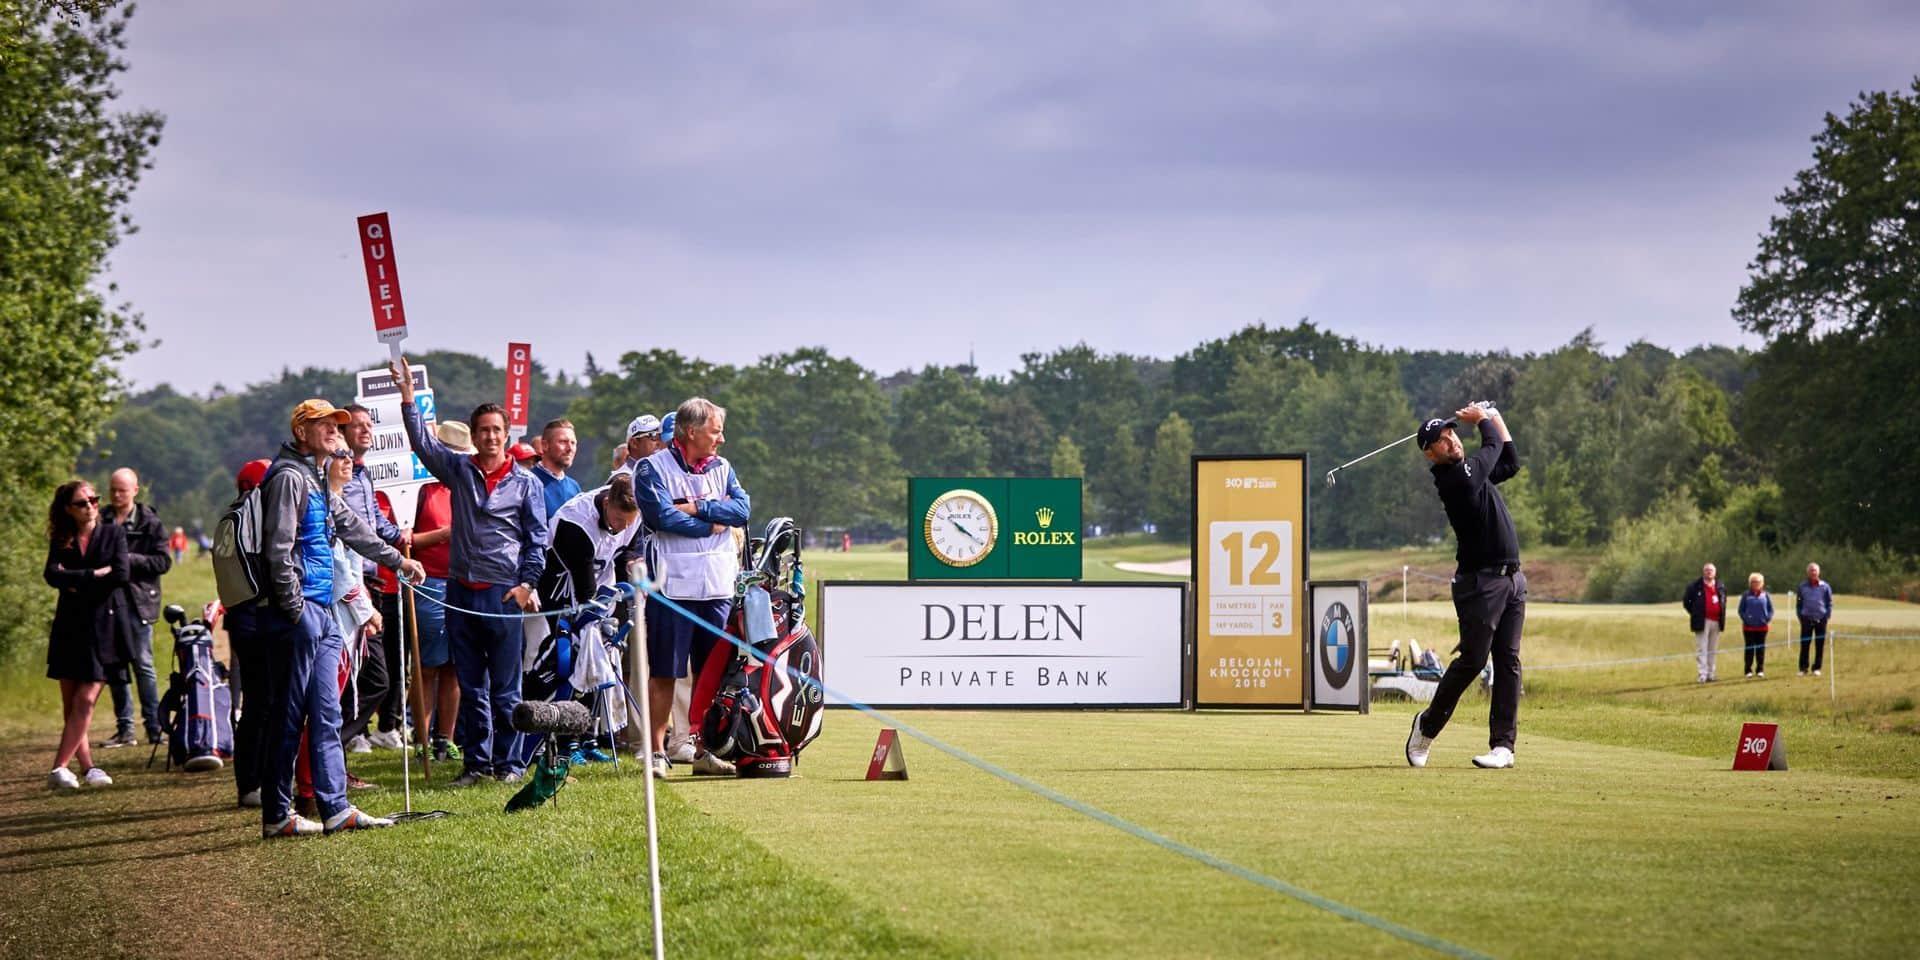 C'est la troisième fois qu'un tournoi de l'European Tour se déroulera à Rinkven.